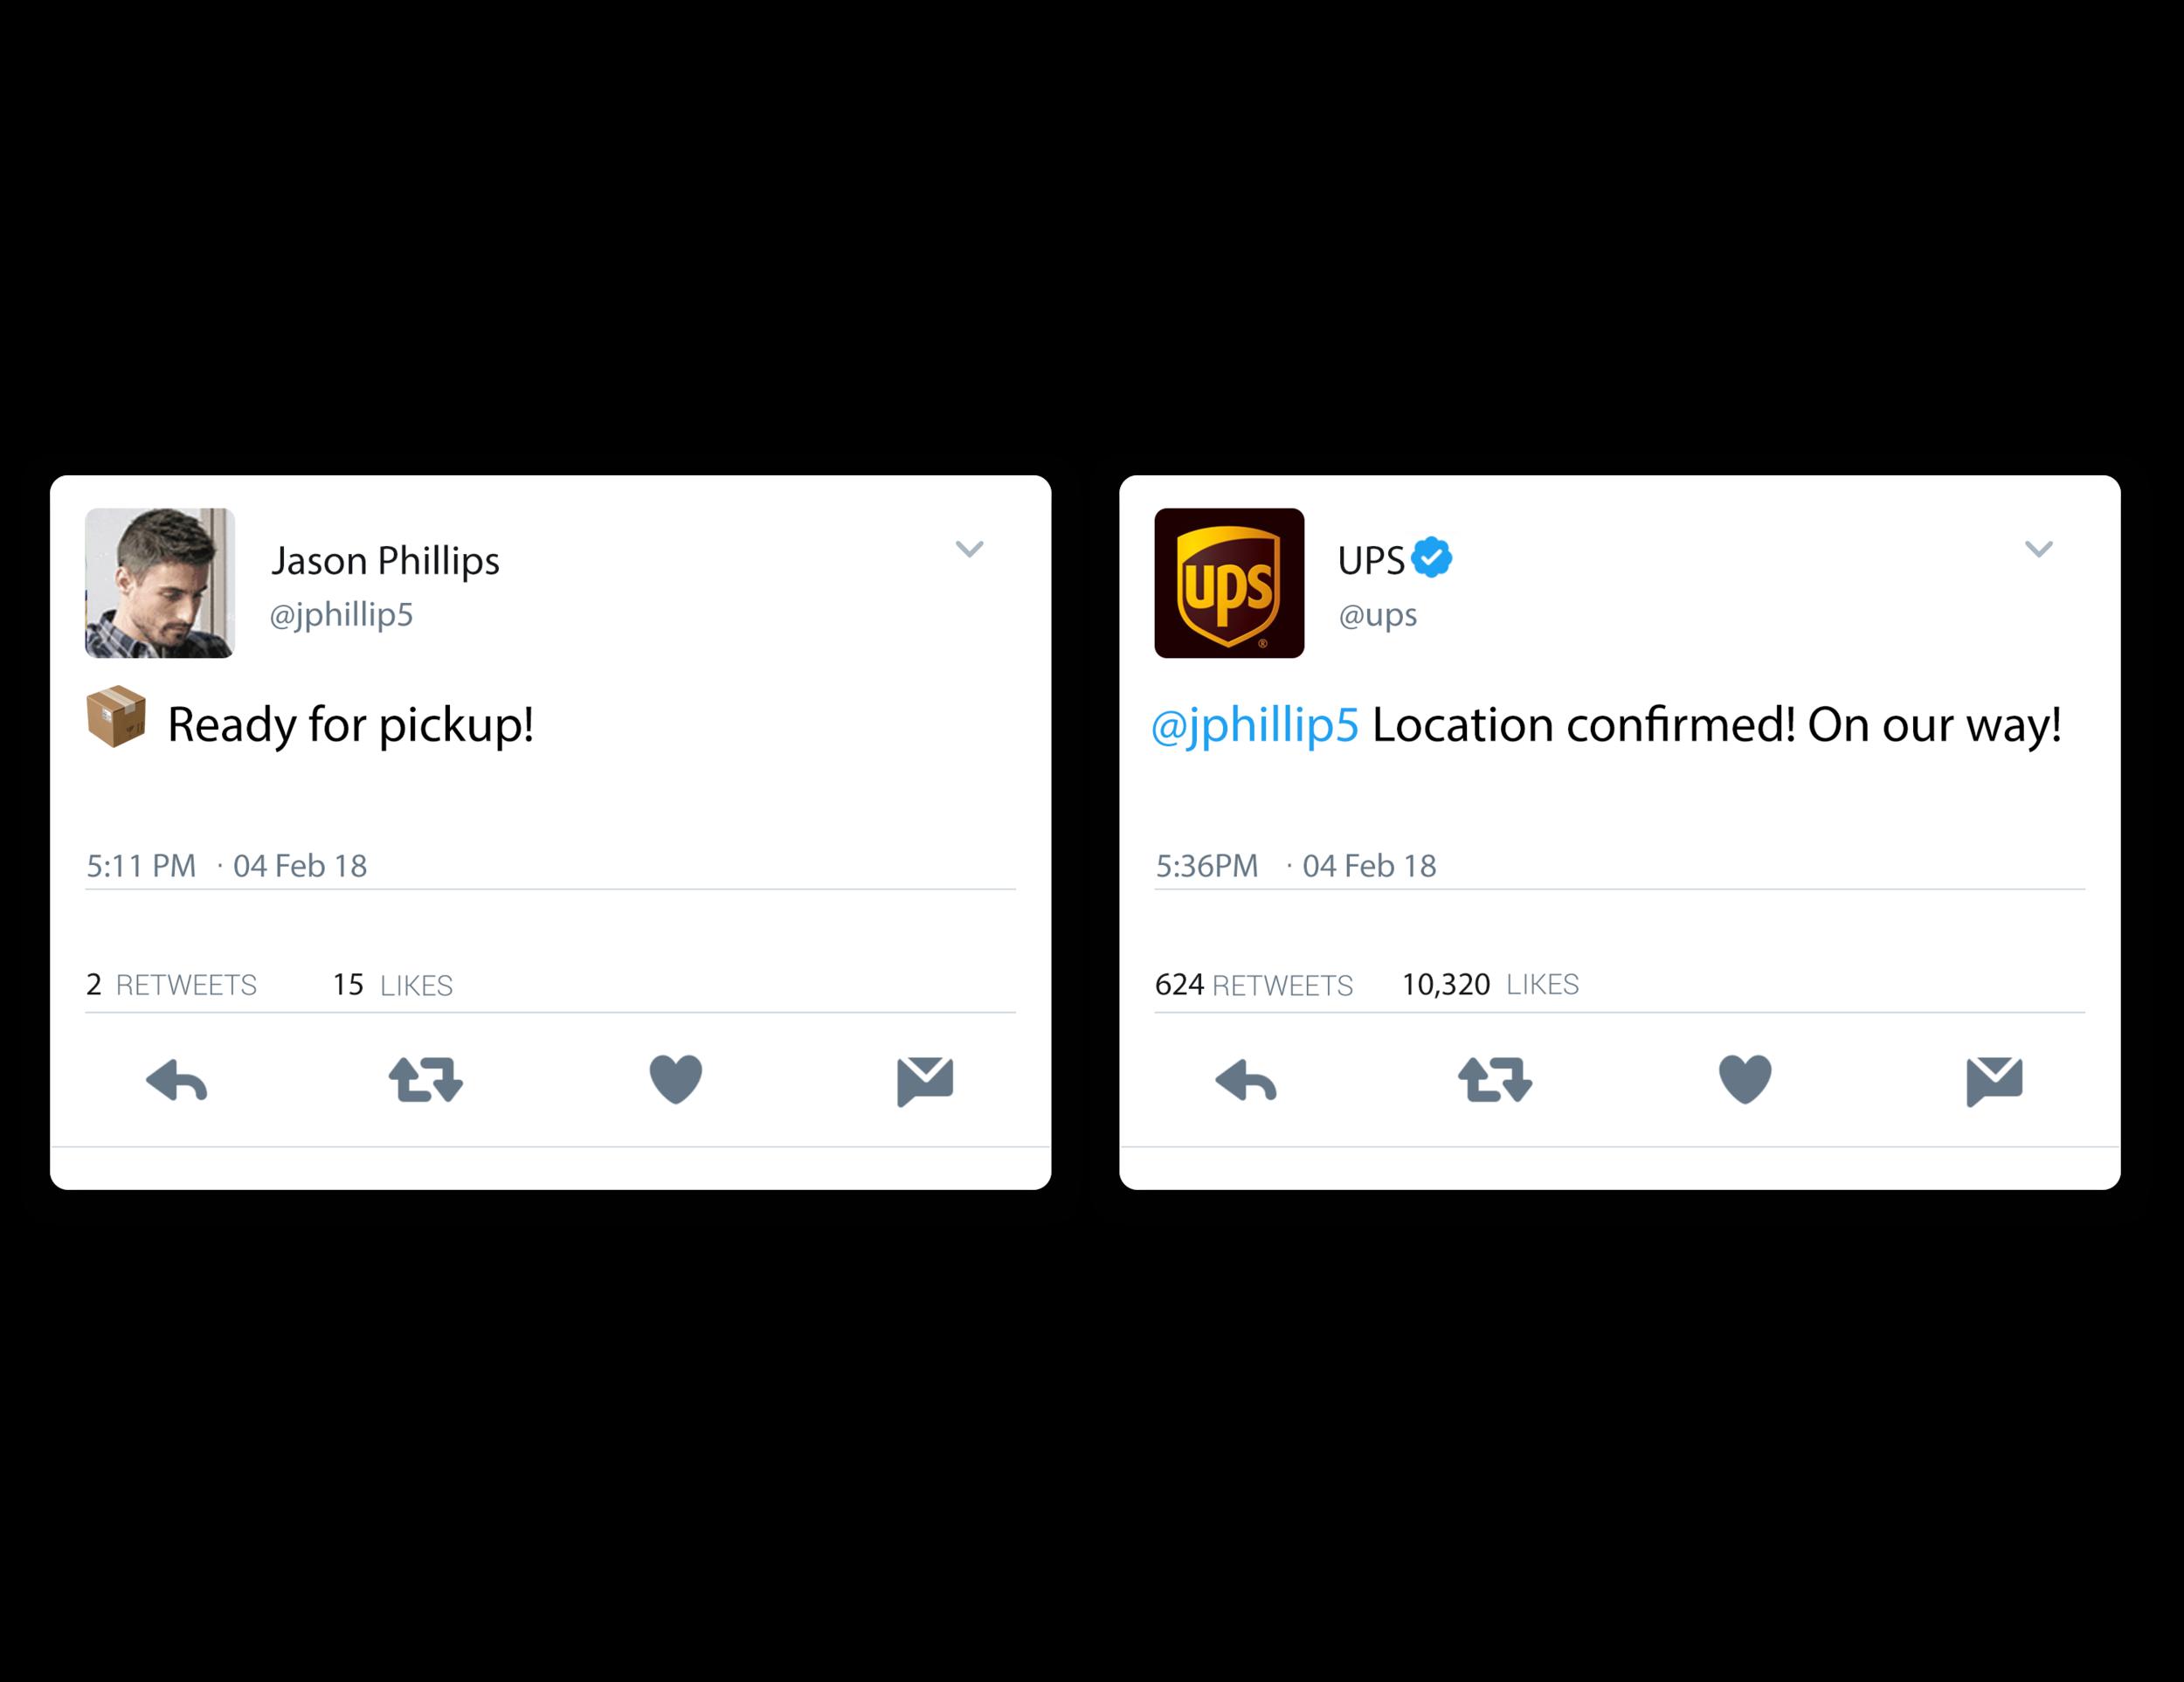 UPS Tweet Mockup (1).png